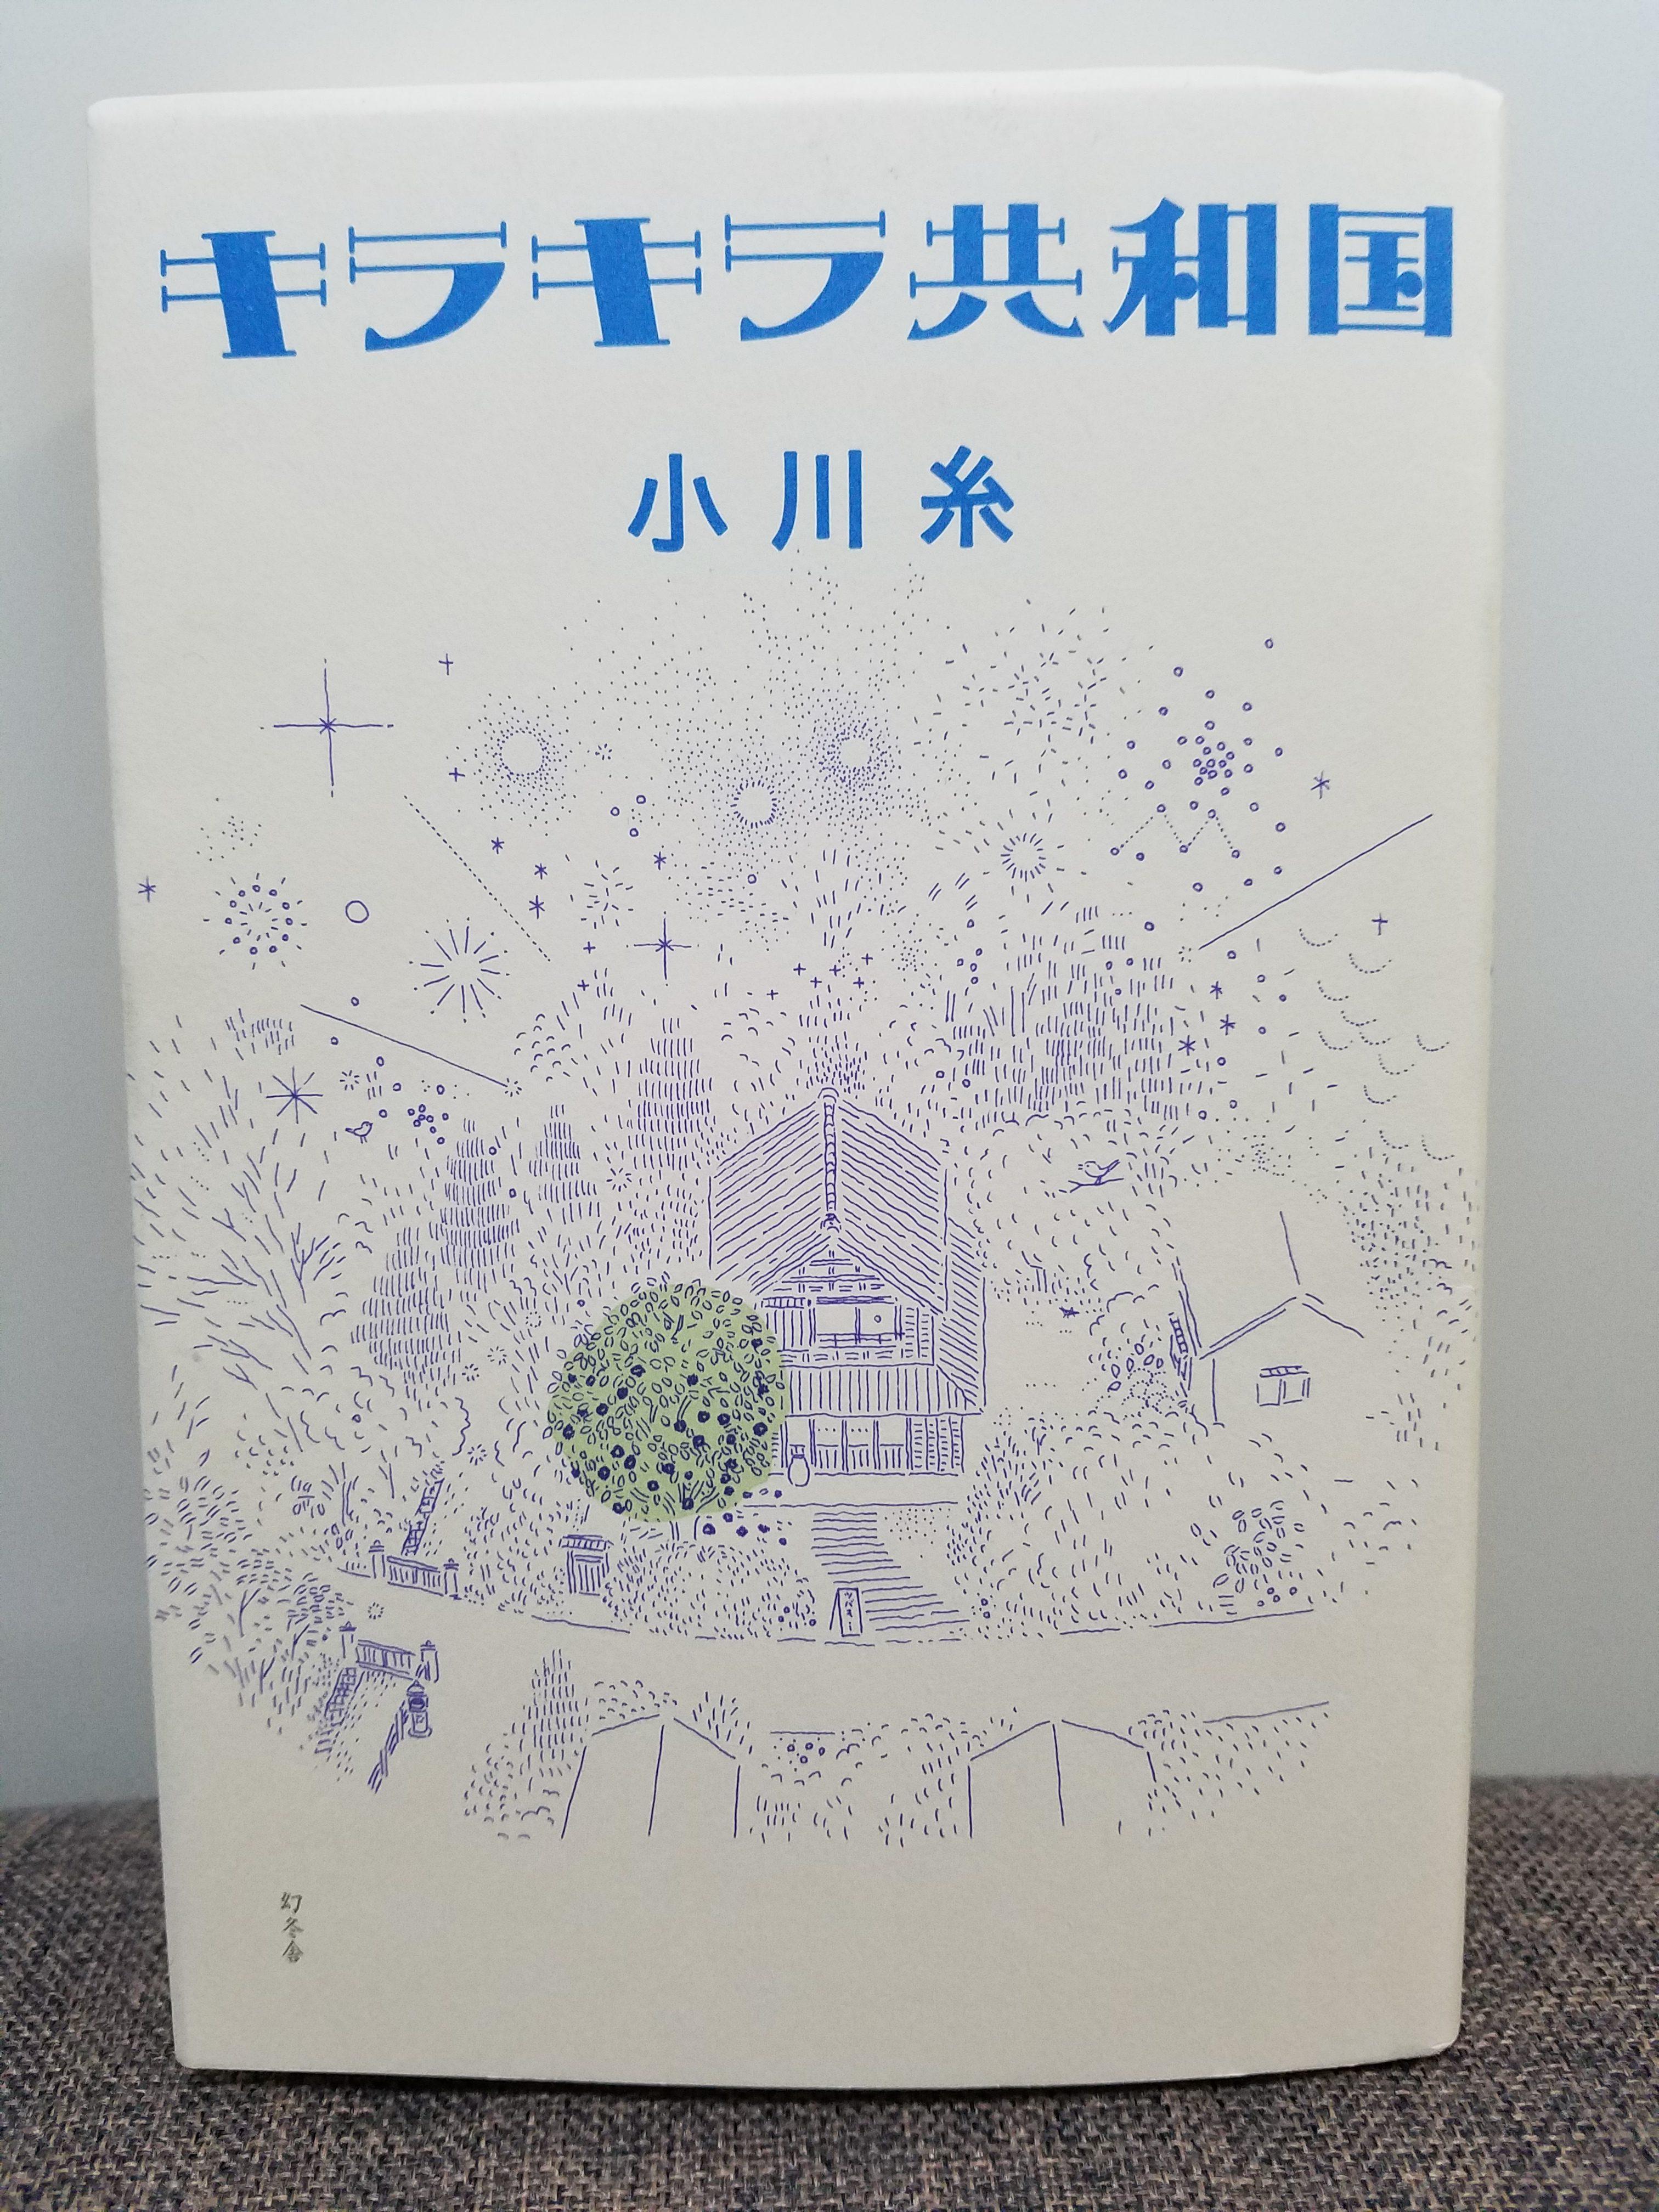 小川糸『キラキラ共和国』感想※ネタバレ注意(素人小説書評)